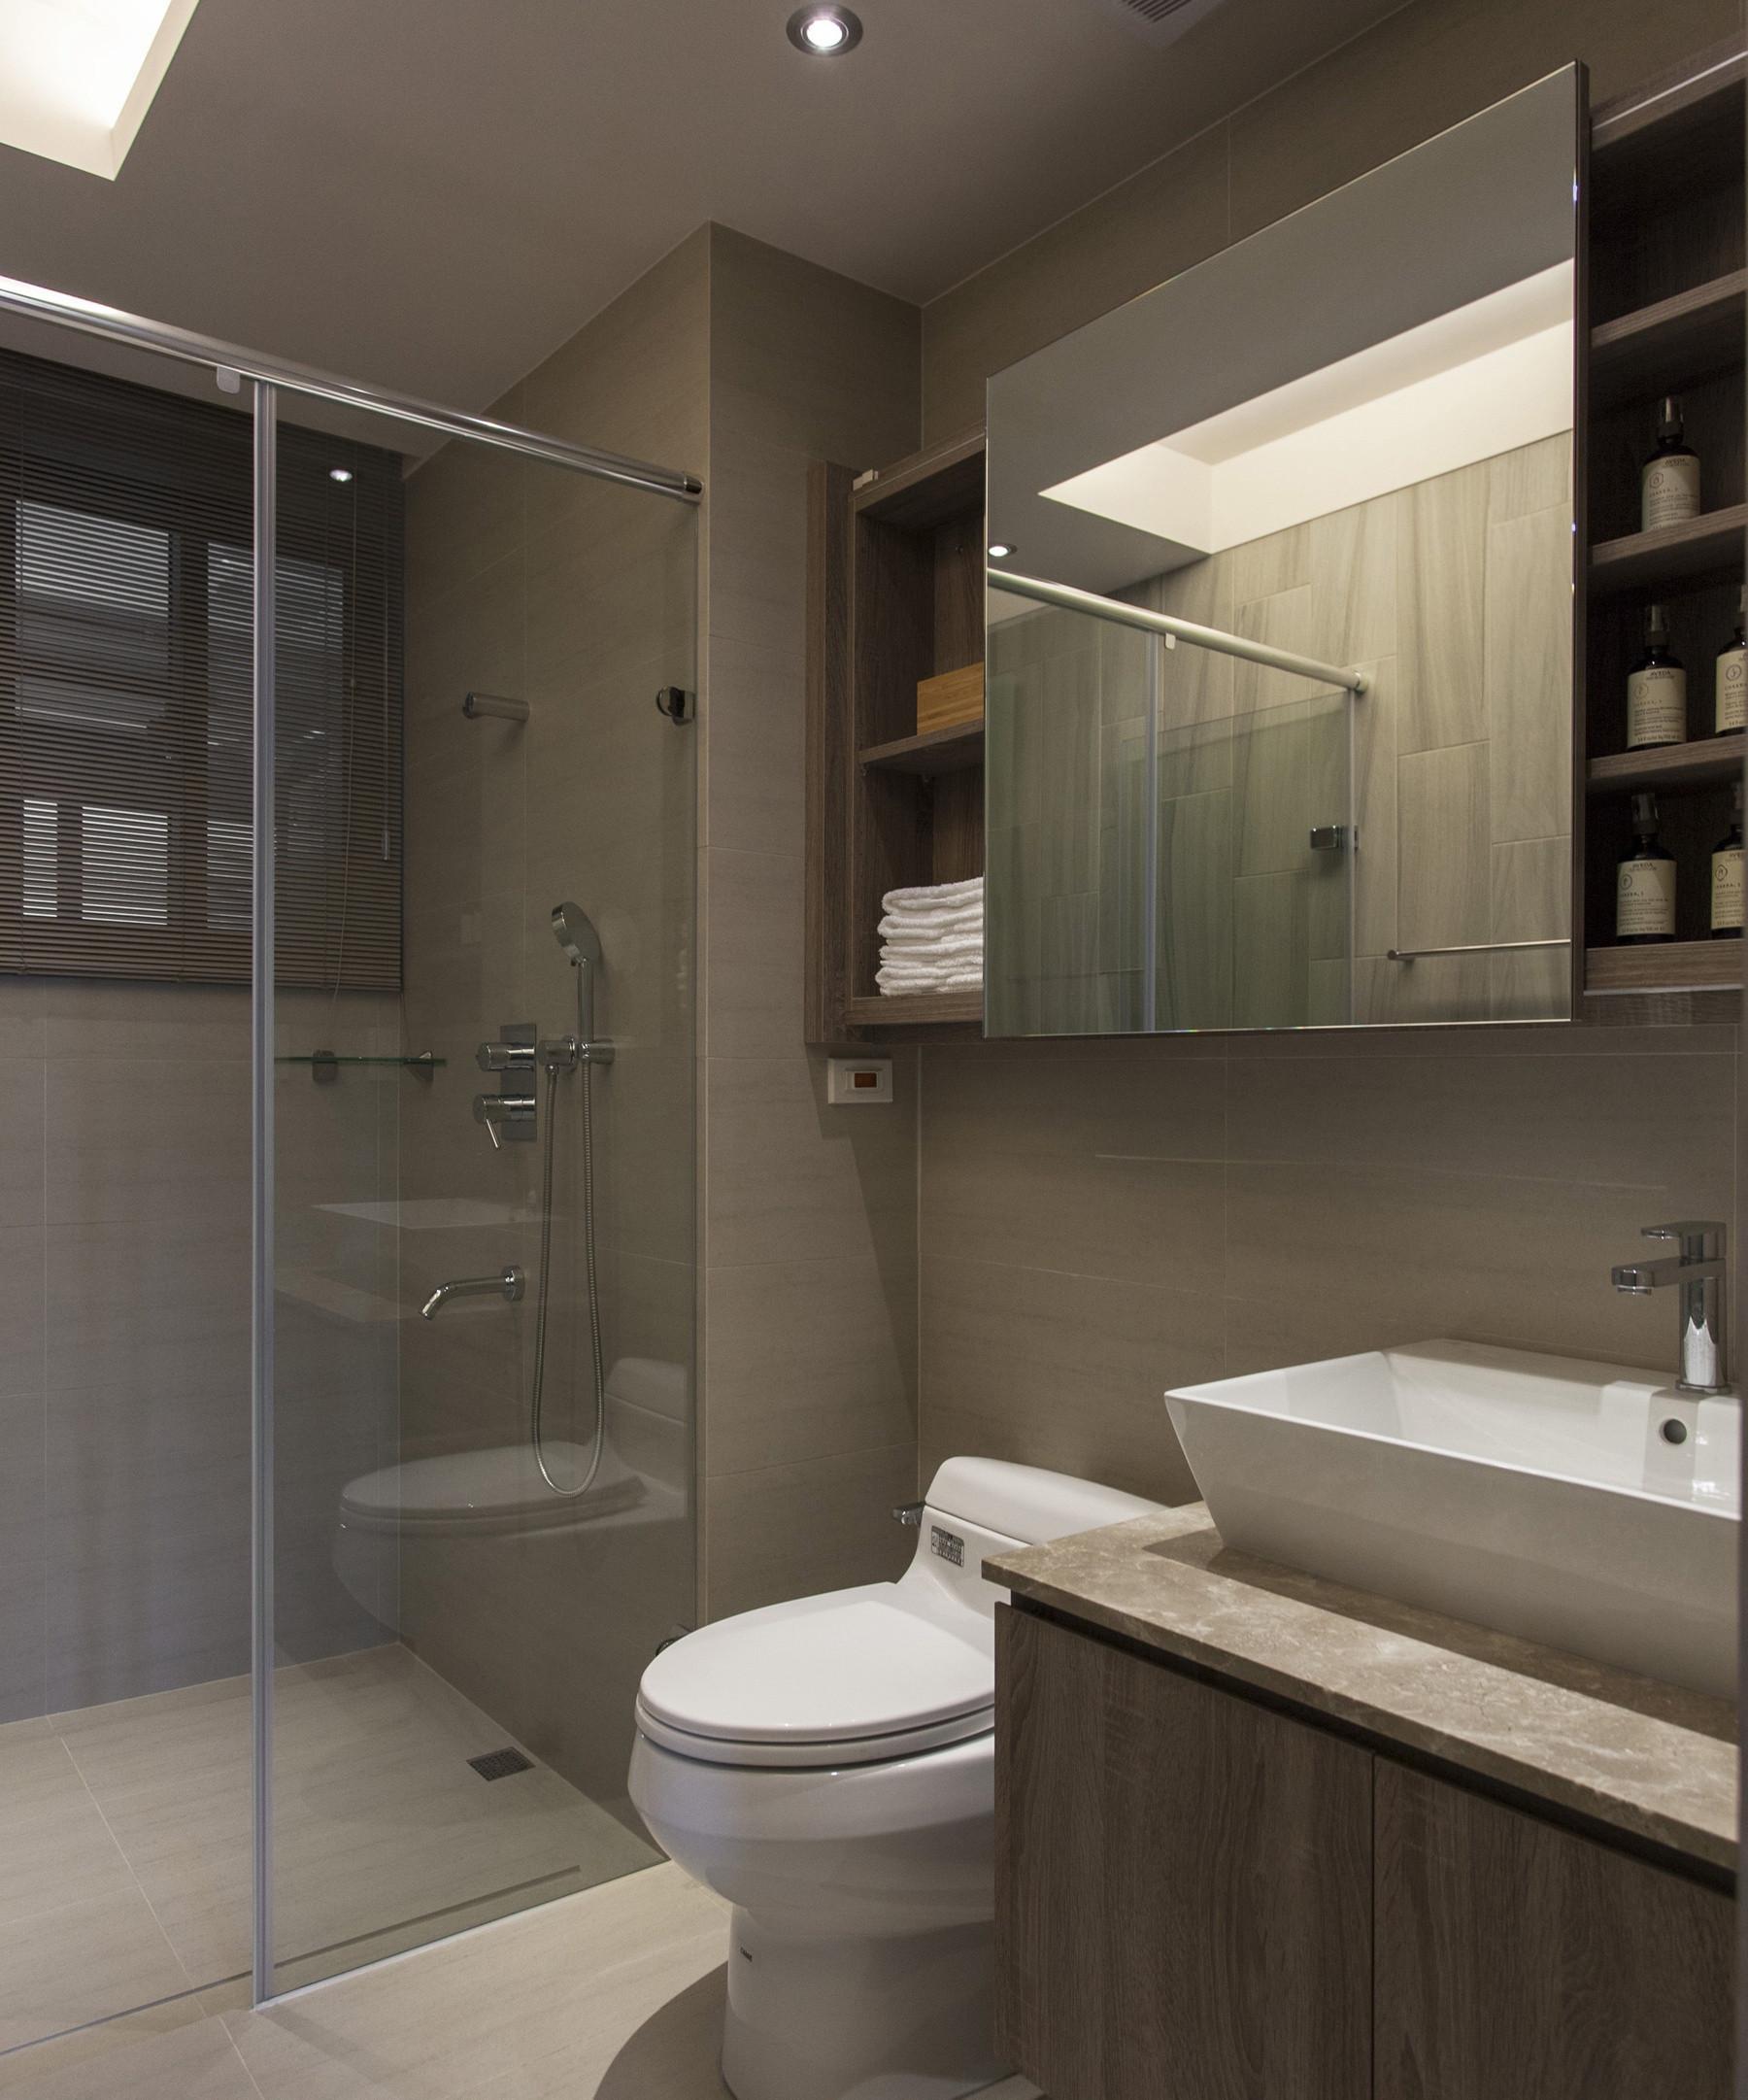 卫生间处选择了干湿分离的设计,整体感更强。